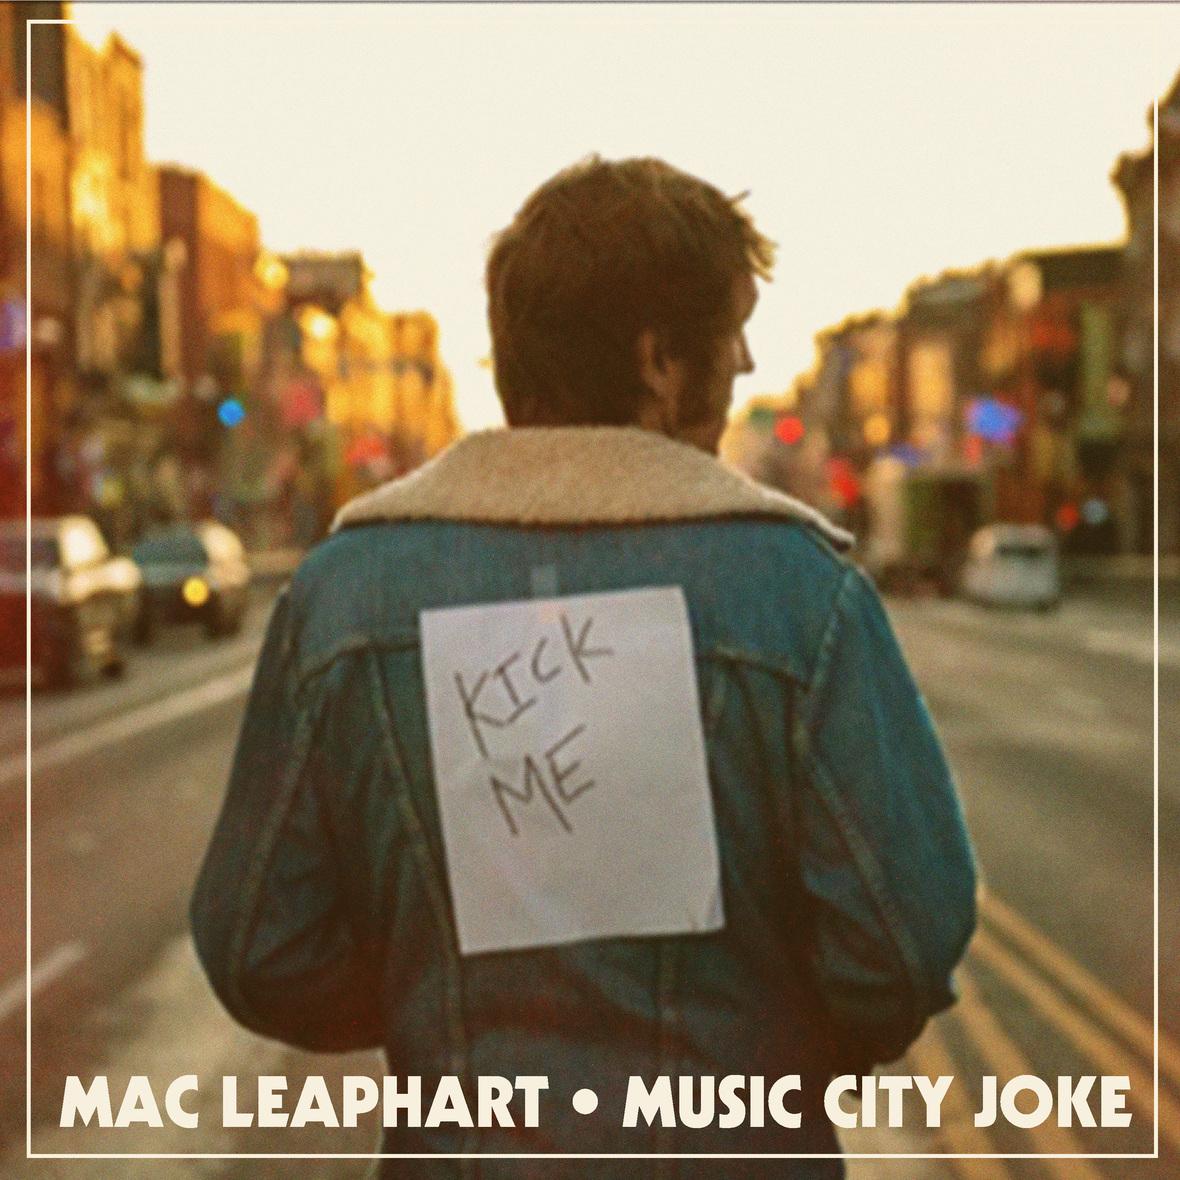 MacLeaphart MusicCityJoke AlbumArt